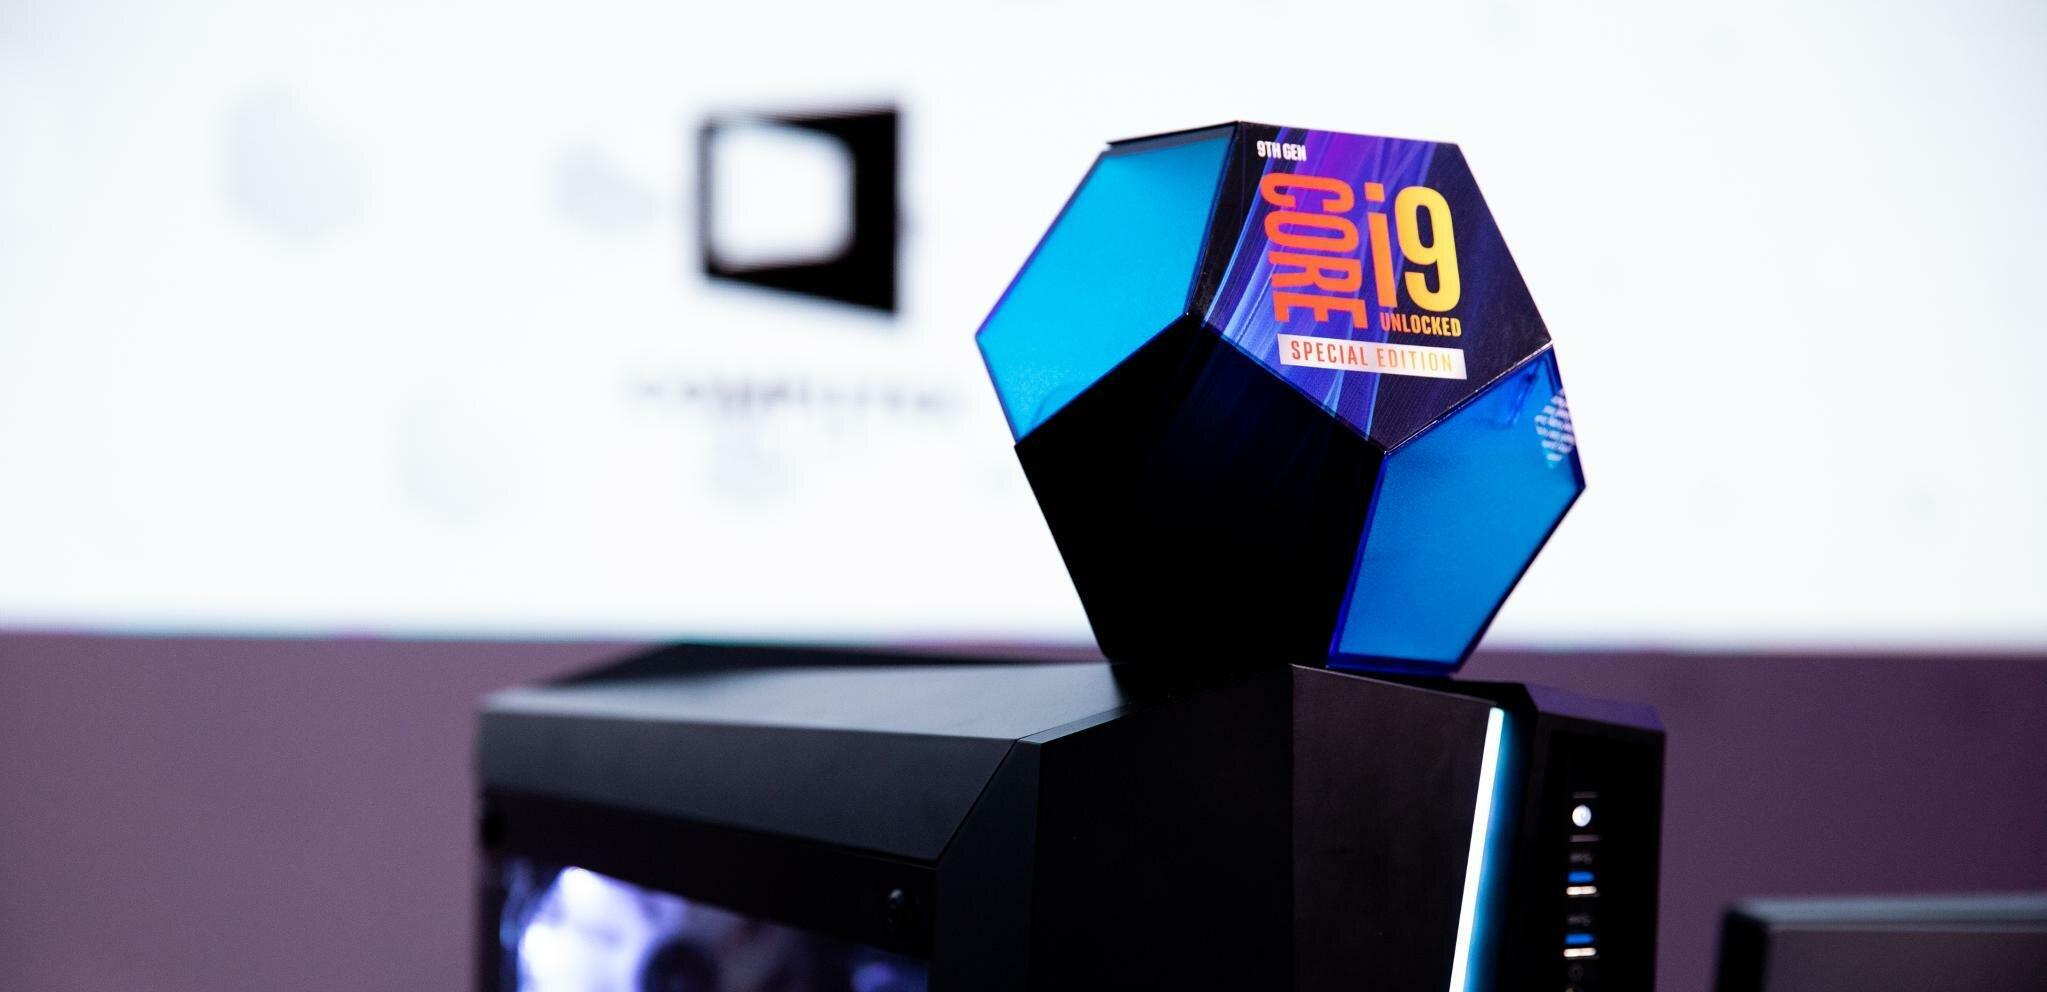 Intel annonce le Core i9-9900KS à 5 GHz en toutes circonstances sans prix, disponibilité... ou TDP